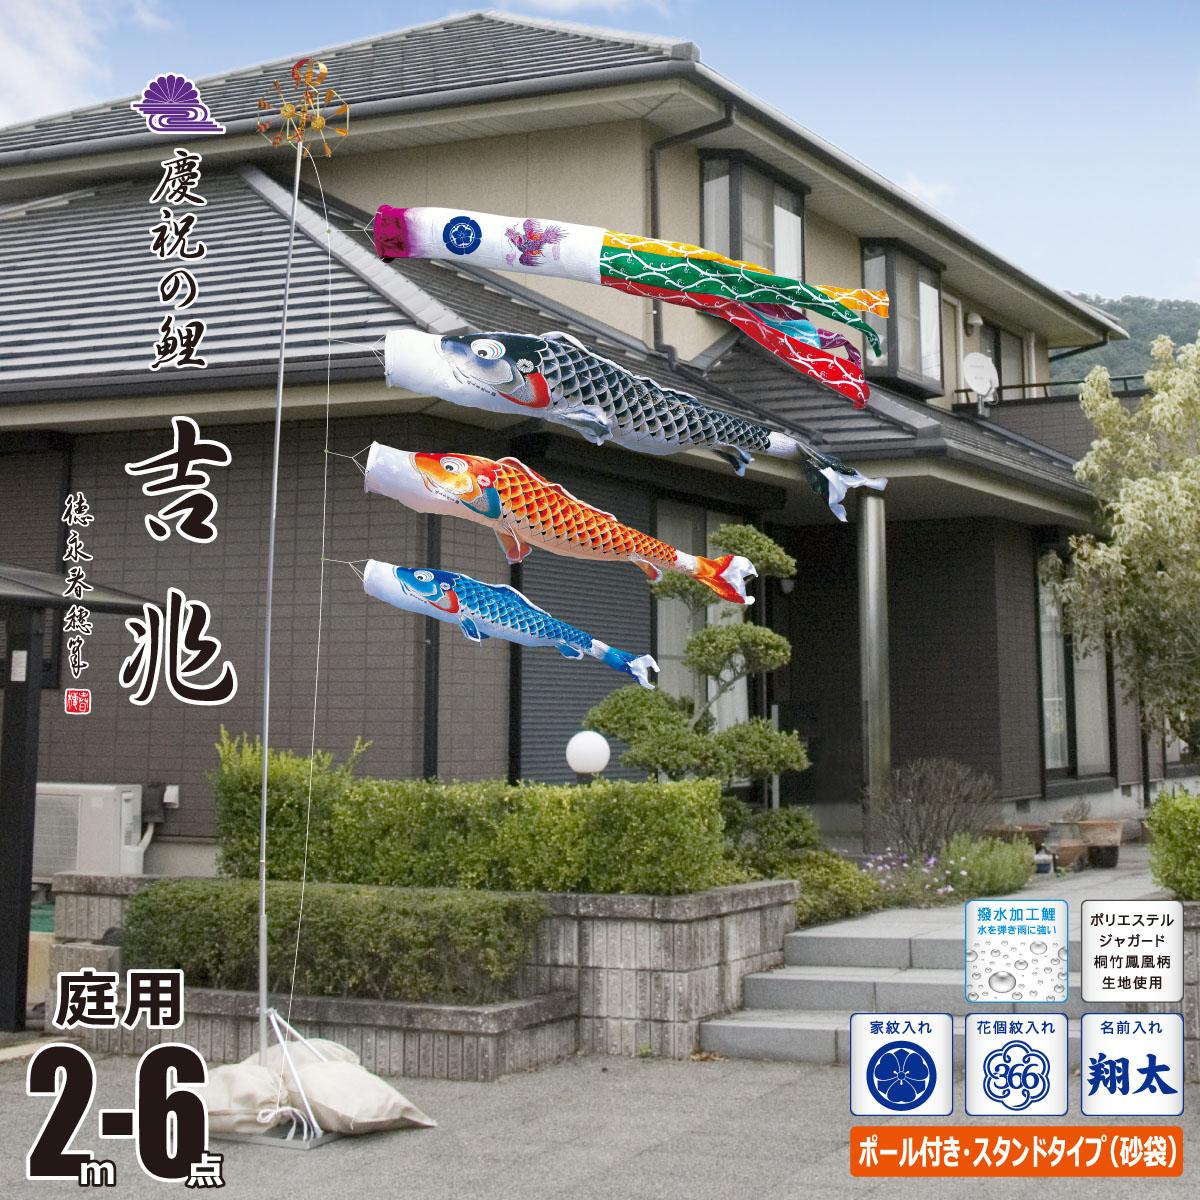 こいのぼり 2m 吉兆 6点 (矢車、ロープ、吹流し、鯉3匹) 庭園用 スタンドセット (庭用 スタンド 砂袋3枚入り) 徳永鯉のぼり鯉のぼり KOT-GS-116-200